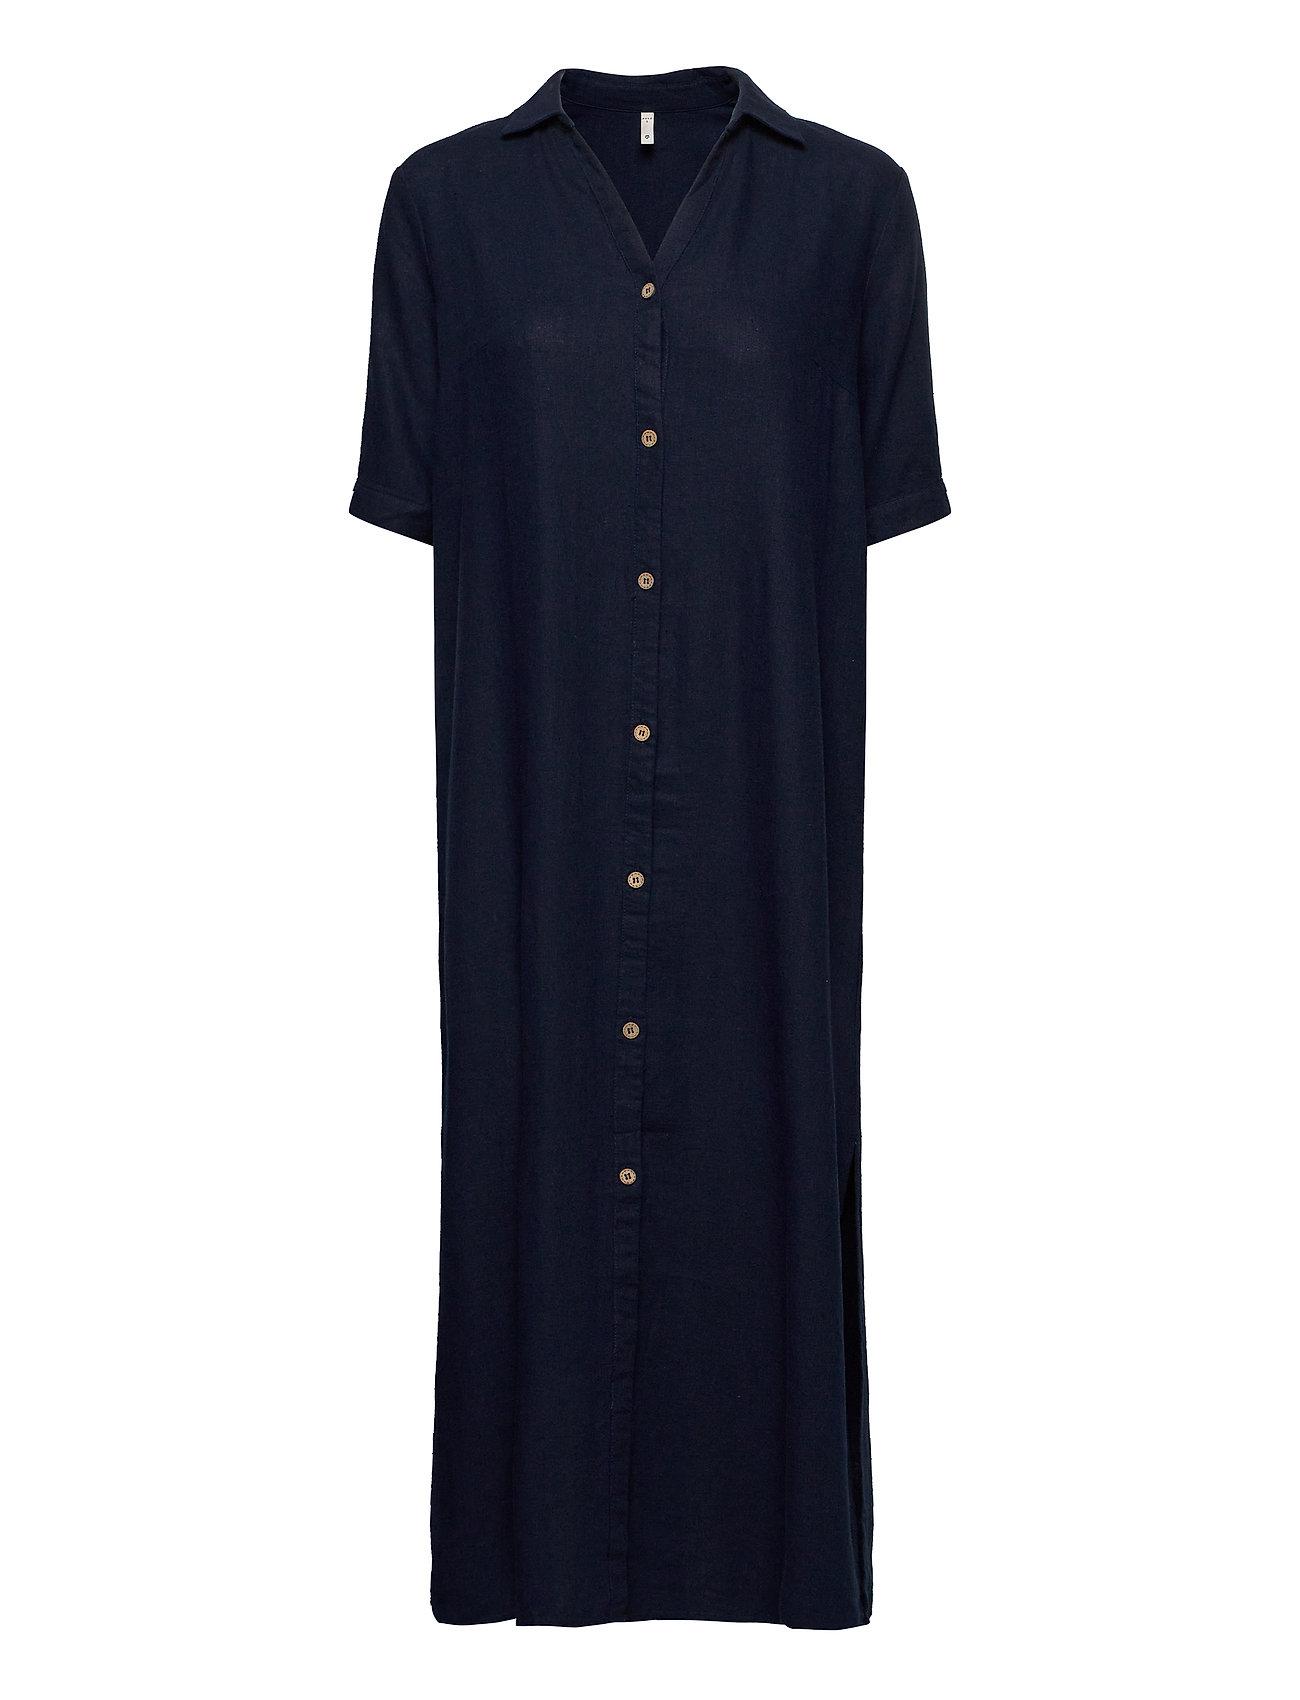 Image of Pzbianca Shirt Knælang Kjole Blå Pulz Jeans (3424648309)